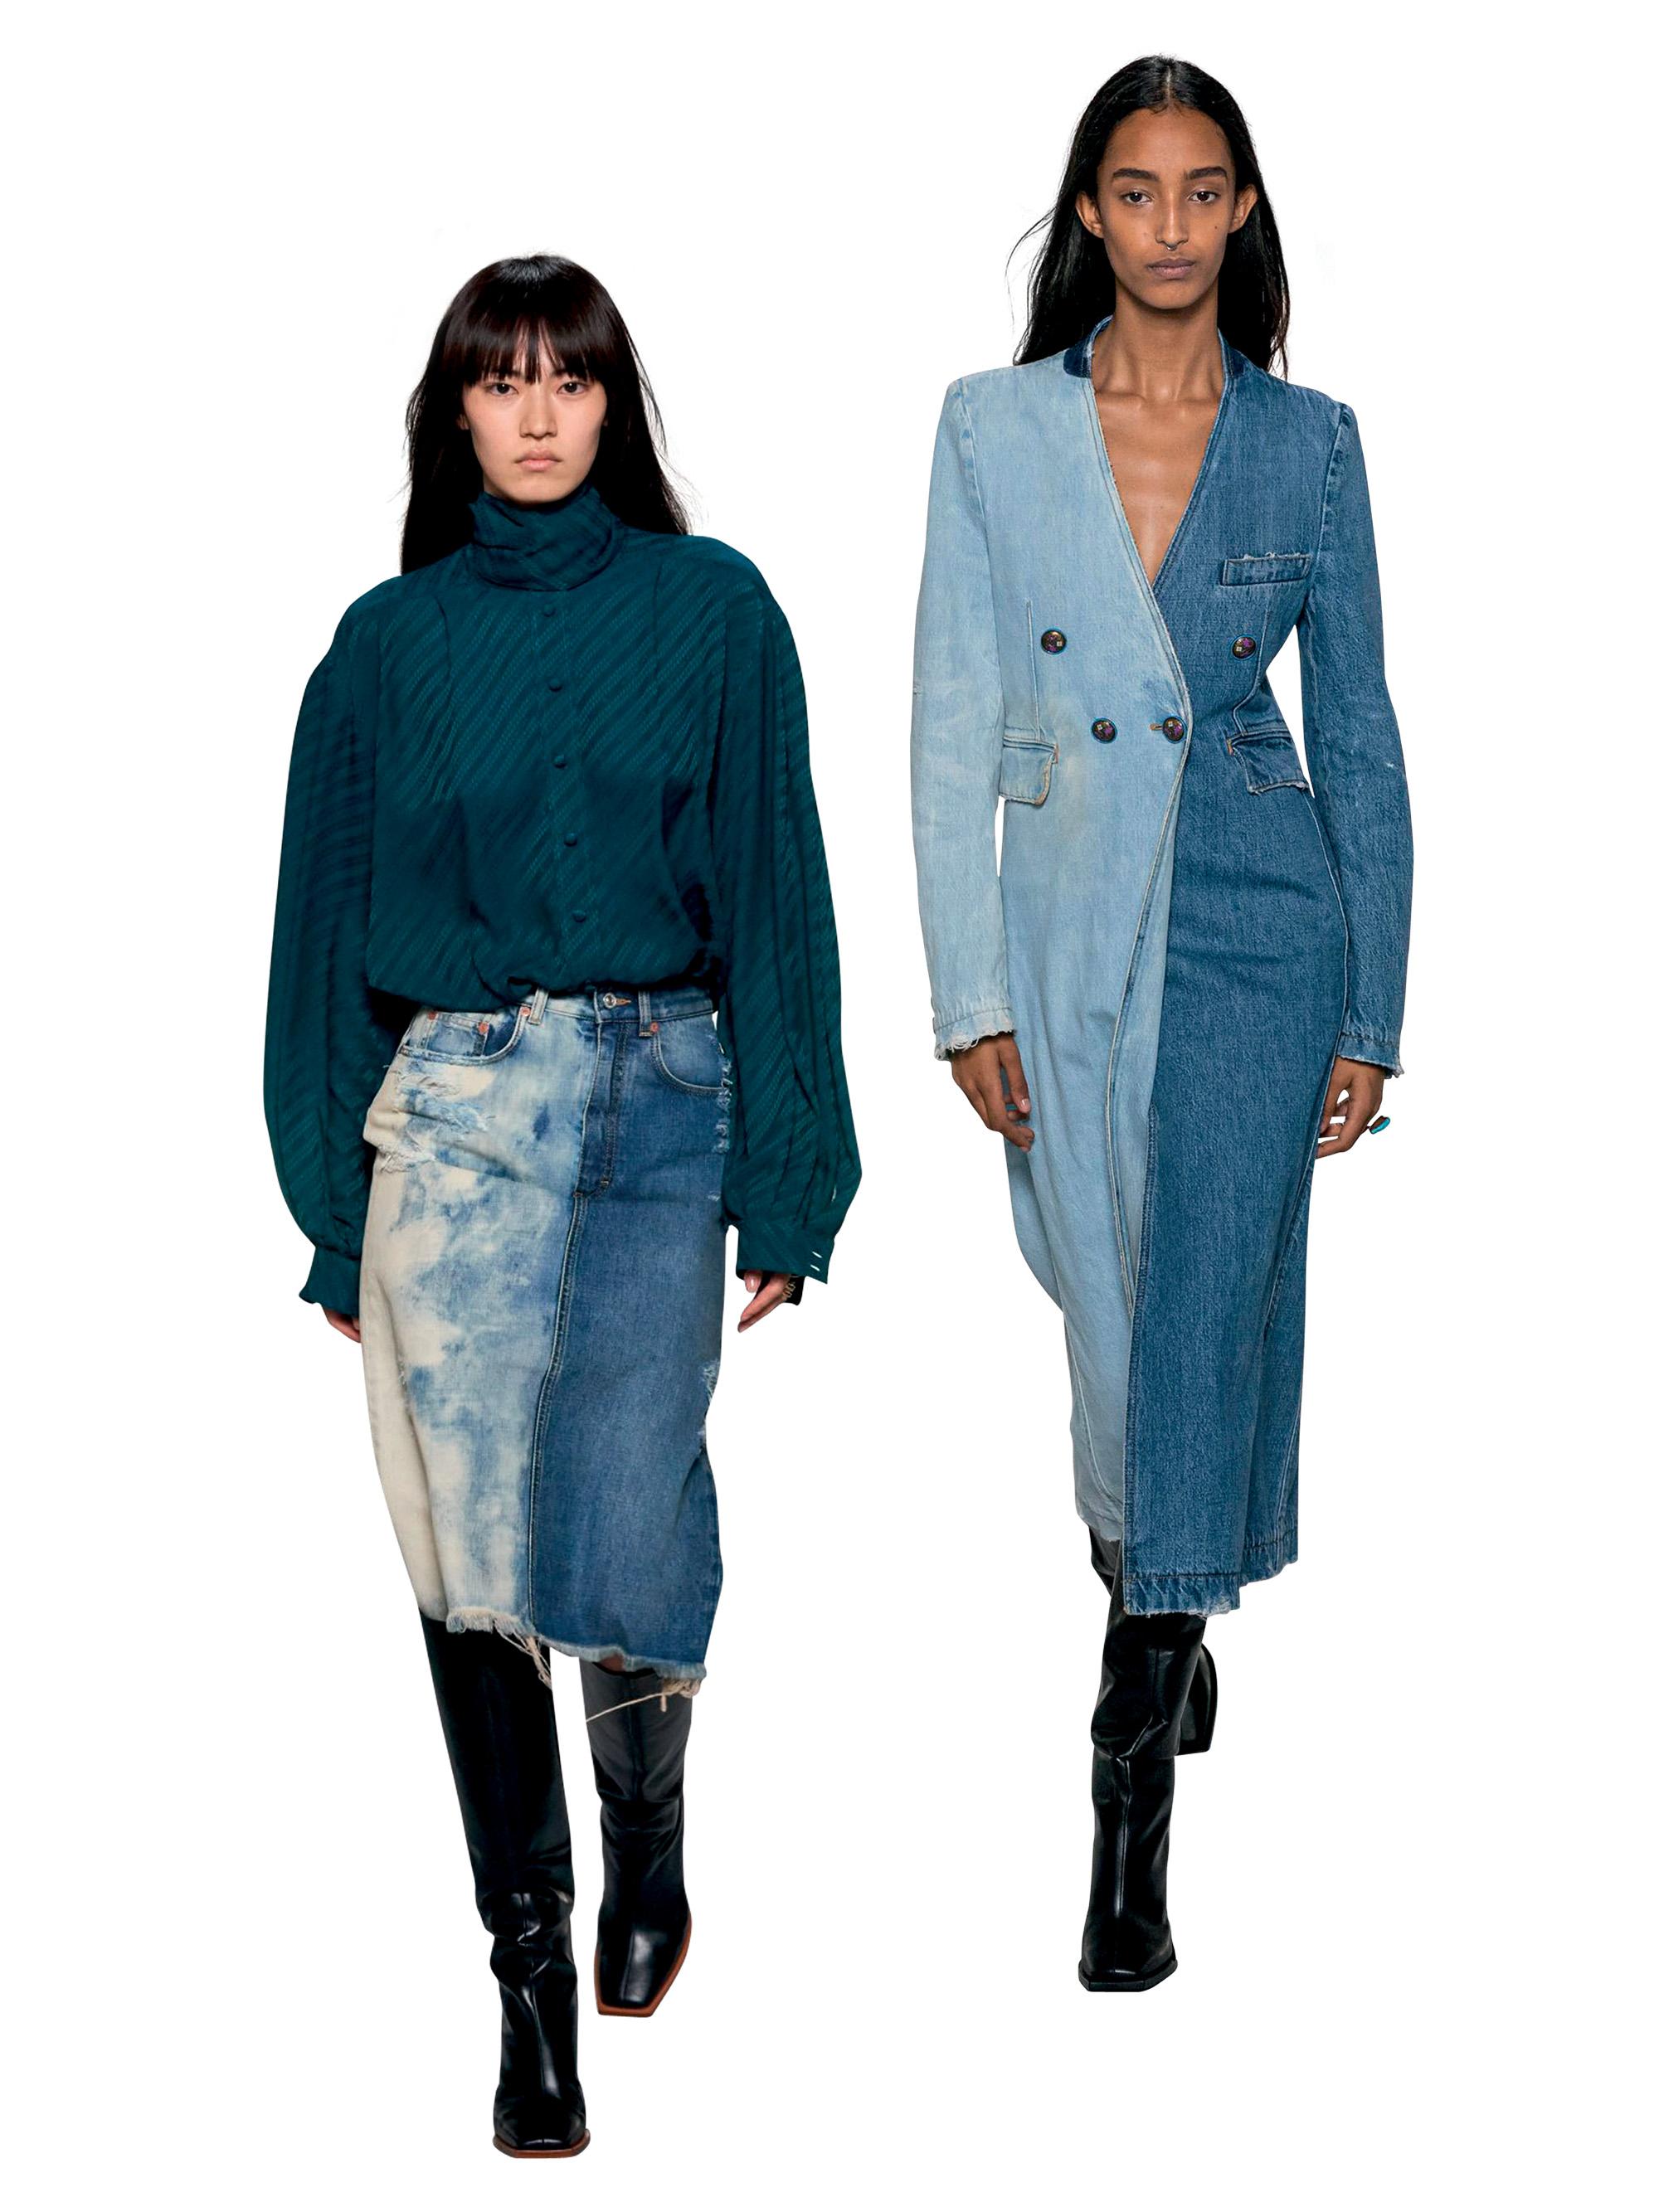 thời trang bền vững - thay đổi phương thức sản xuất denim